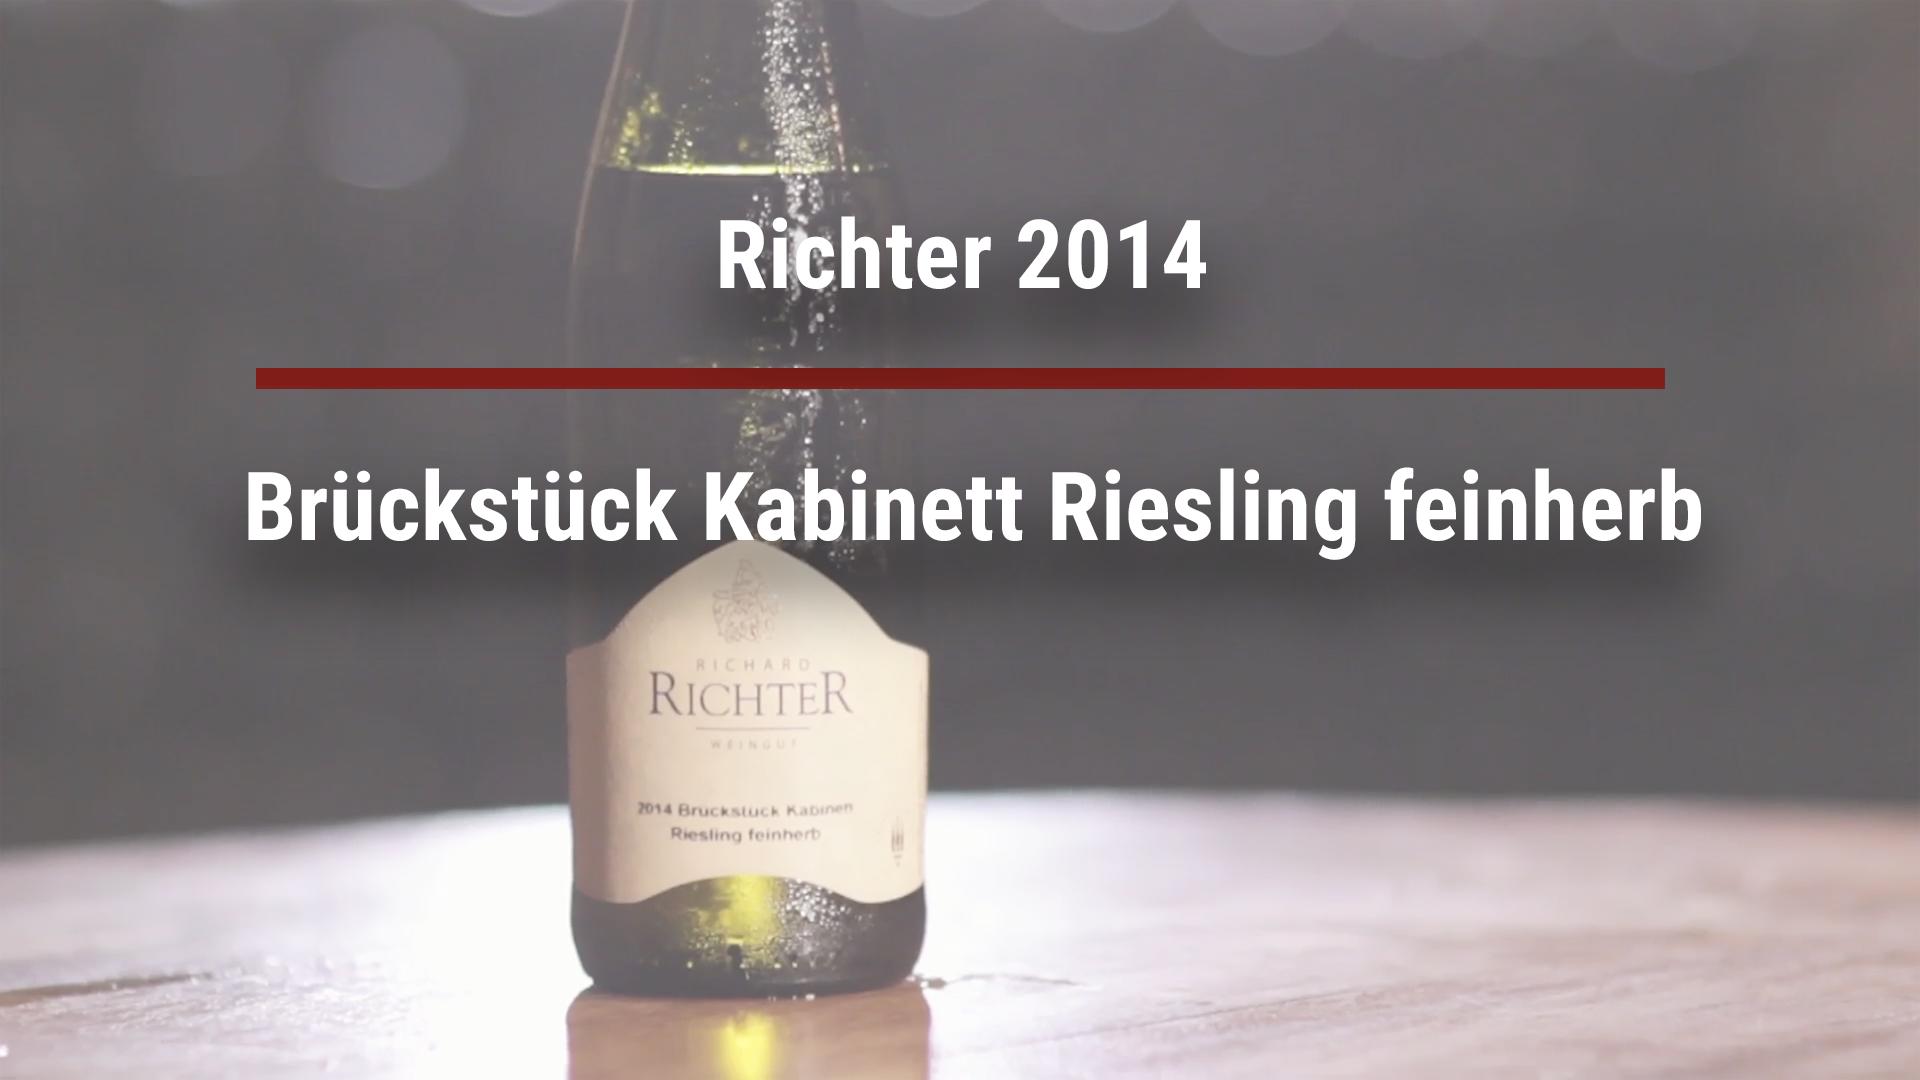 Richter 2014 Brückstück Kabinett Riesling feinherb